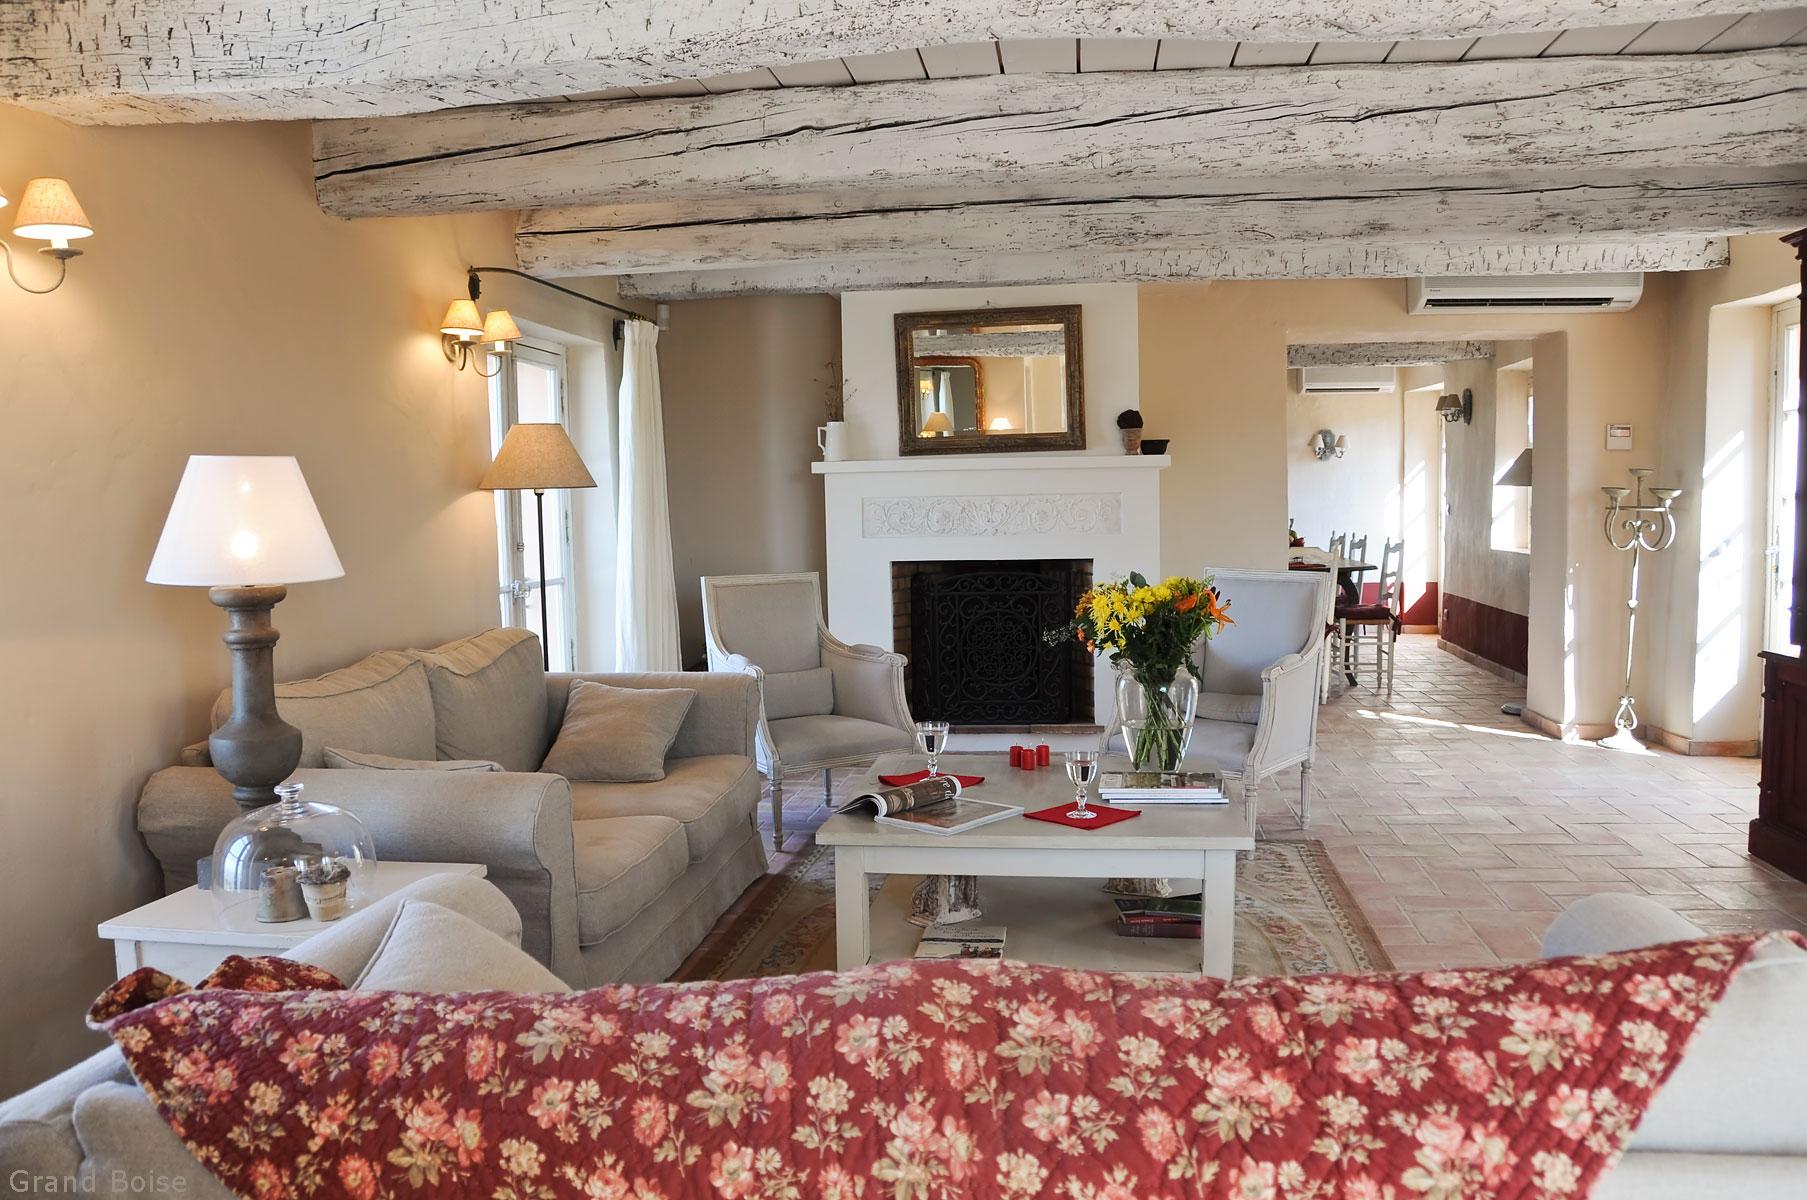 Château Grand Boise, location de luxe à Trets en Provence avec vue sur le vignoble Sainte Victoire, Adresses Exclusives